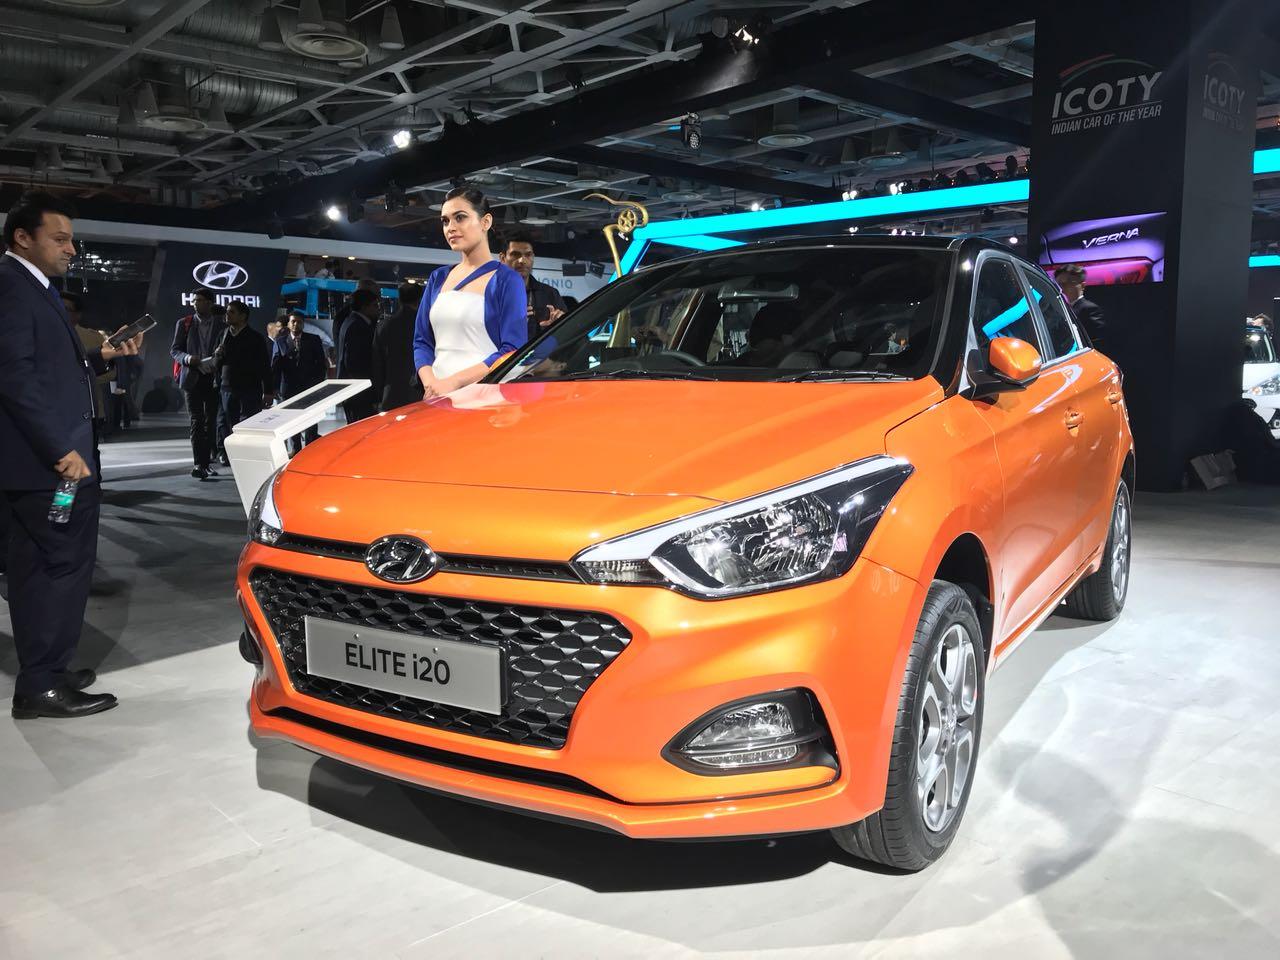 new 2018 hyundai elite i20 images front-angle orange black